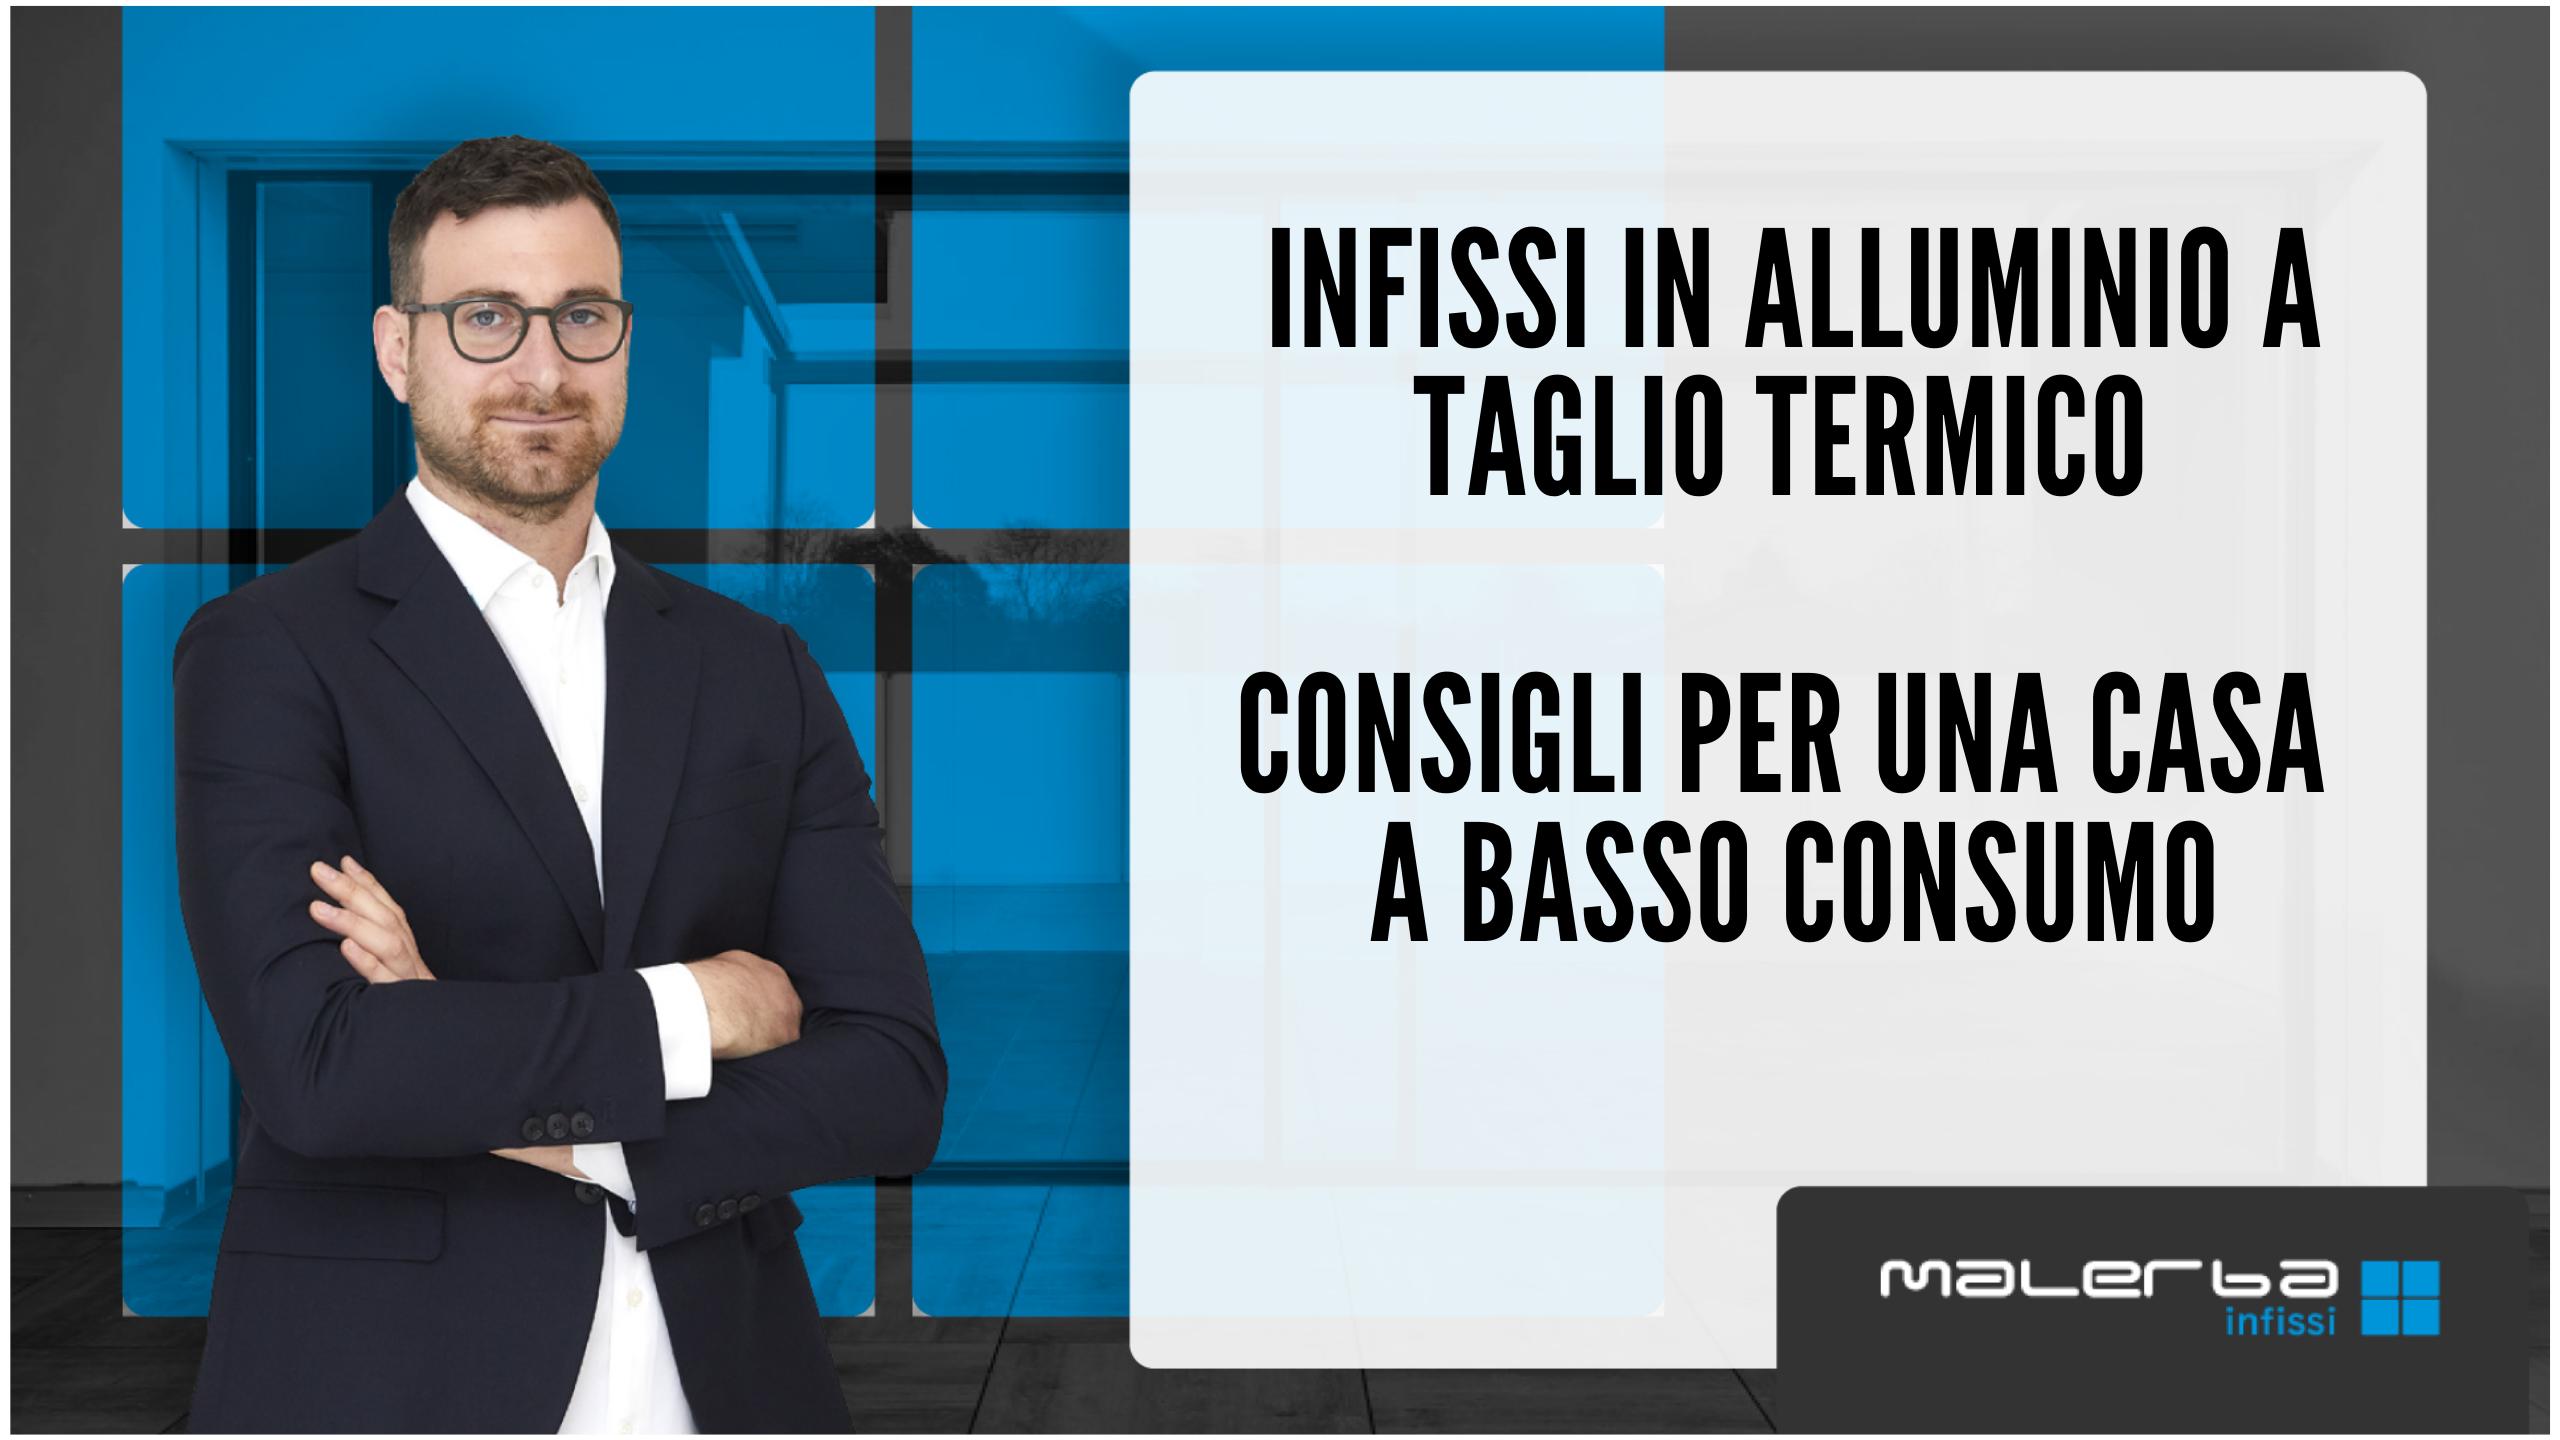 Infissi in alluminio a taglio termico Padova